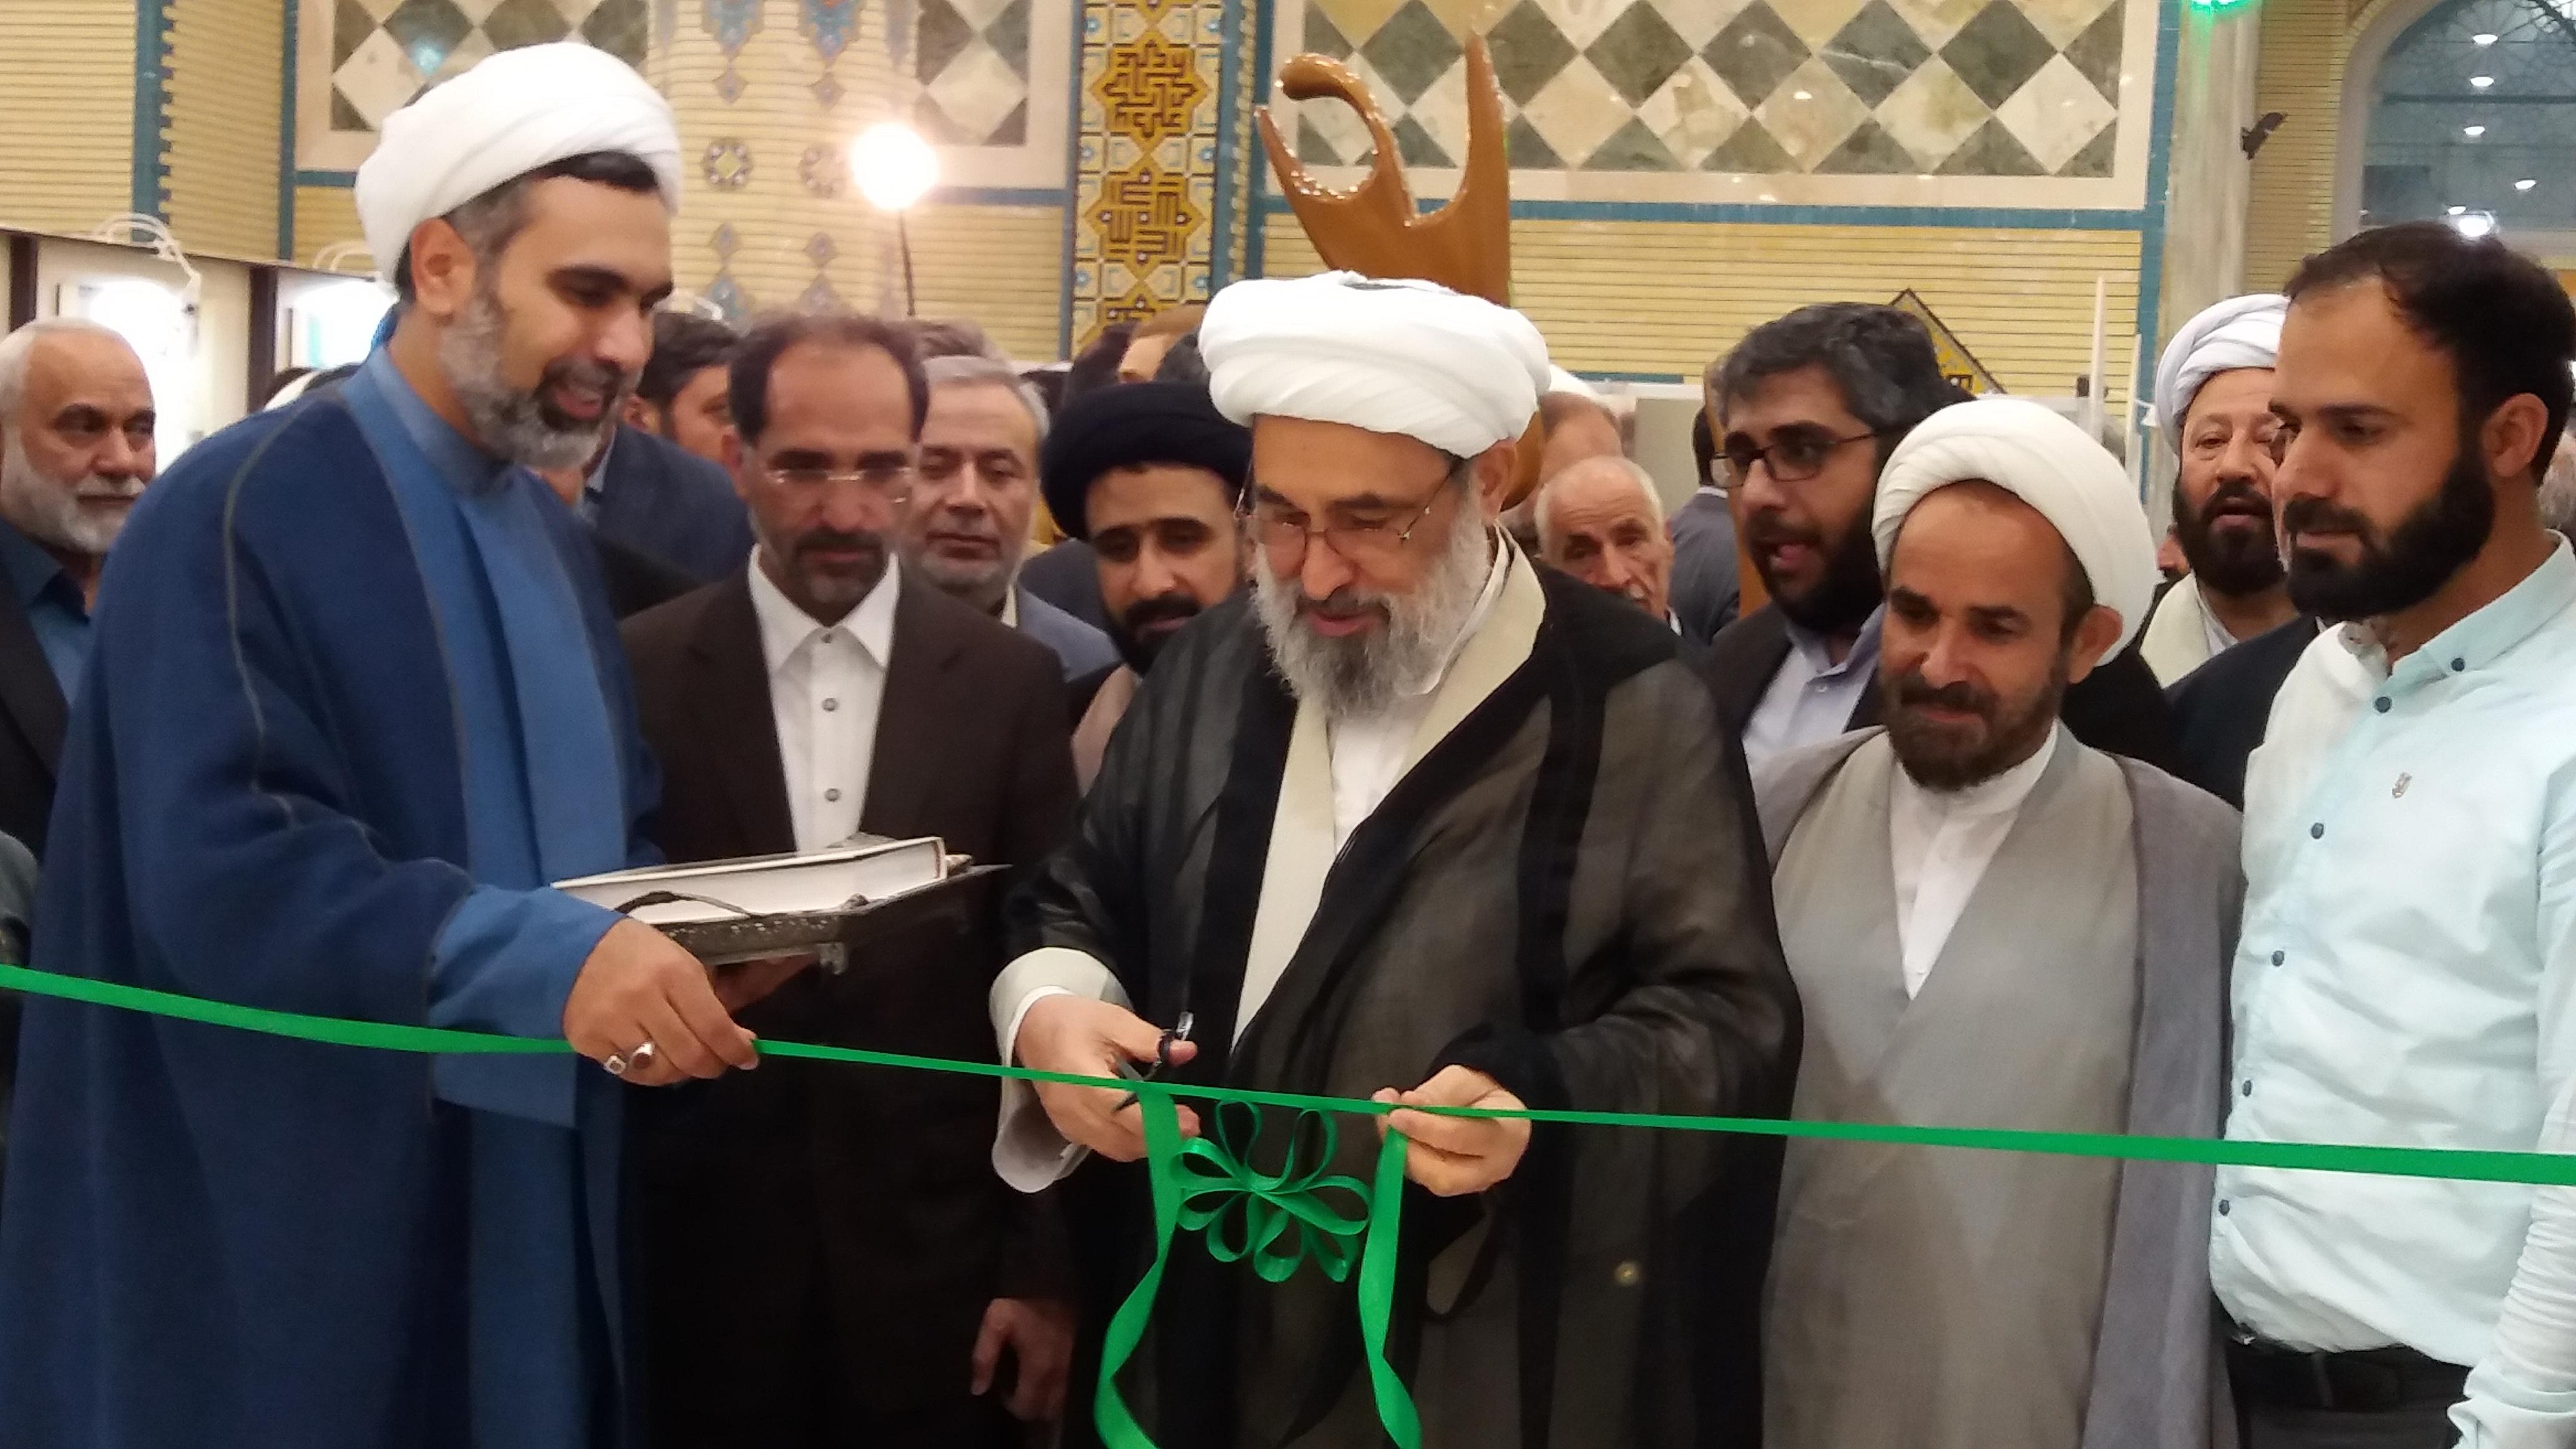 افتتاح گنجینه مسجد مقدس جمکران موزه دین و دنیا